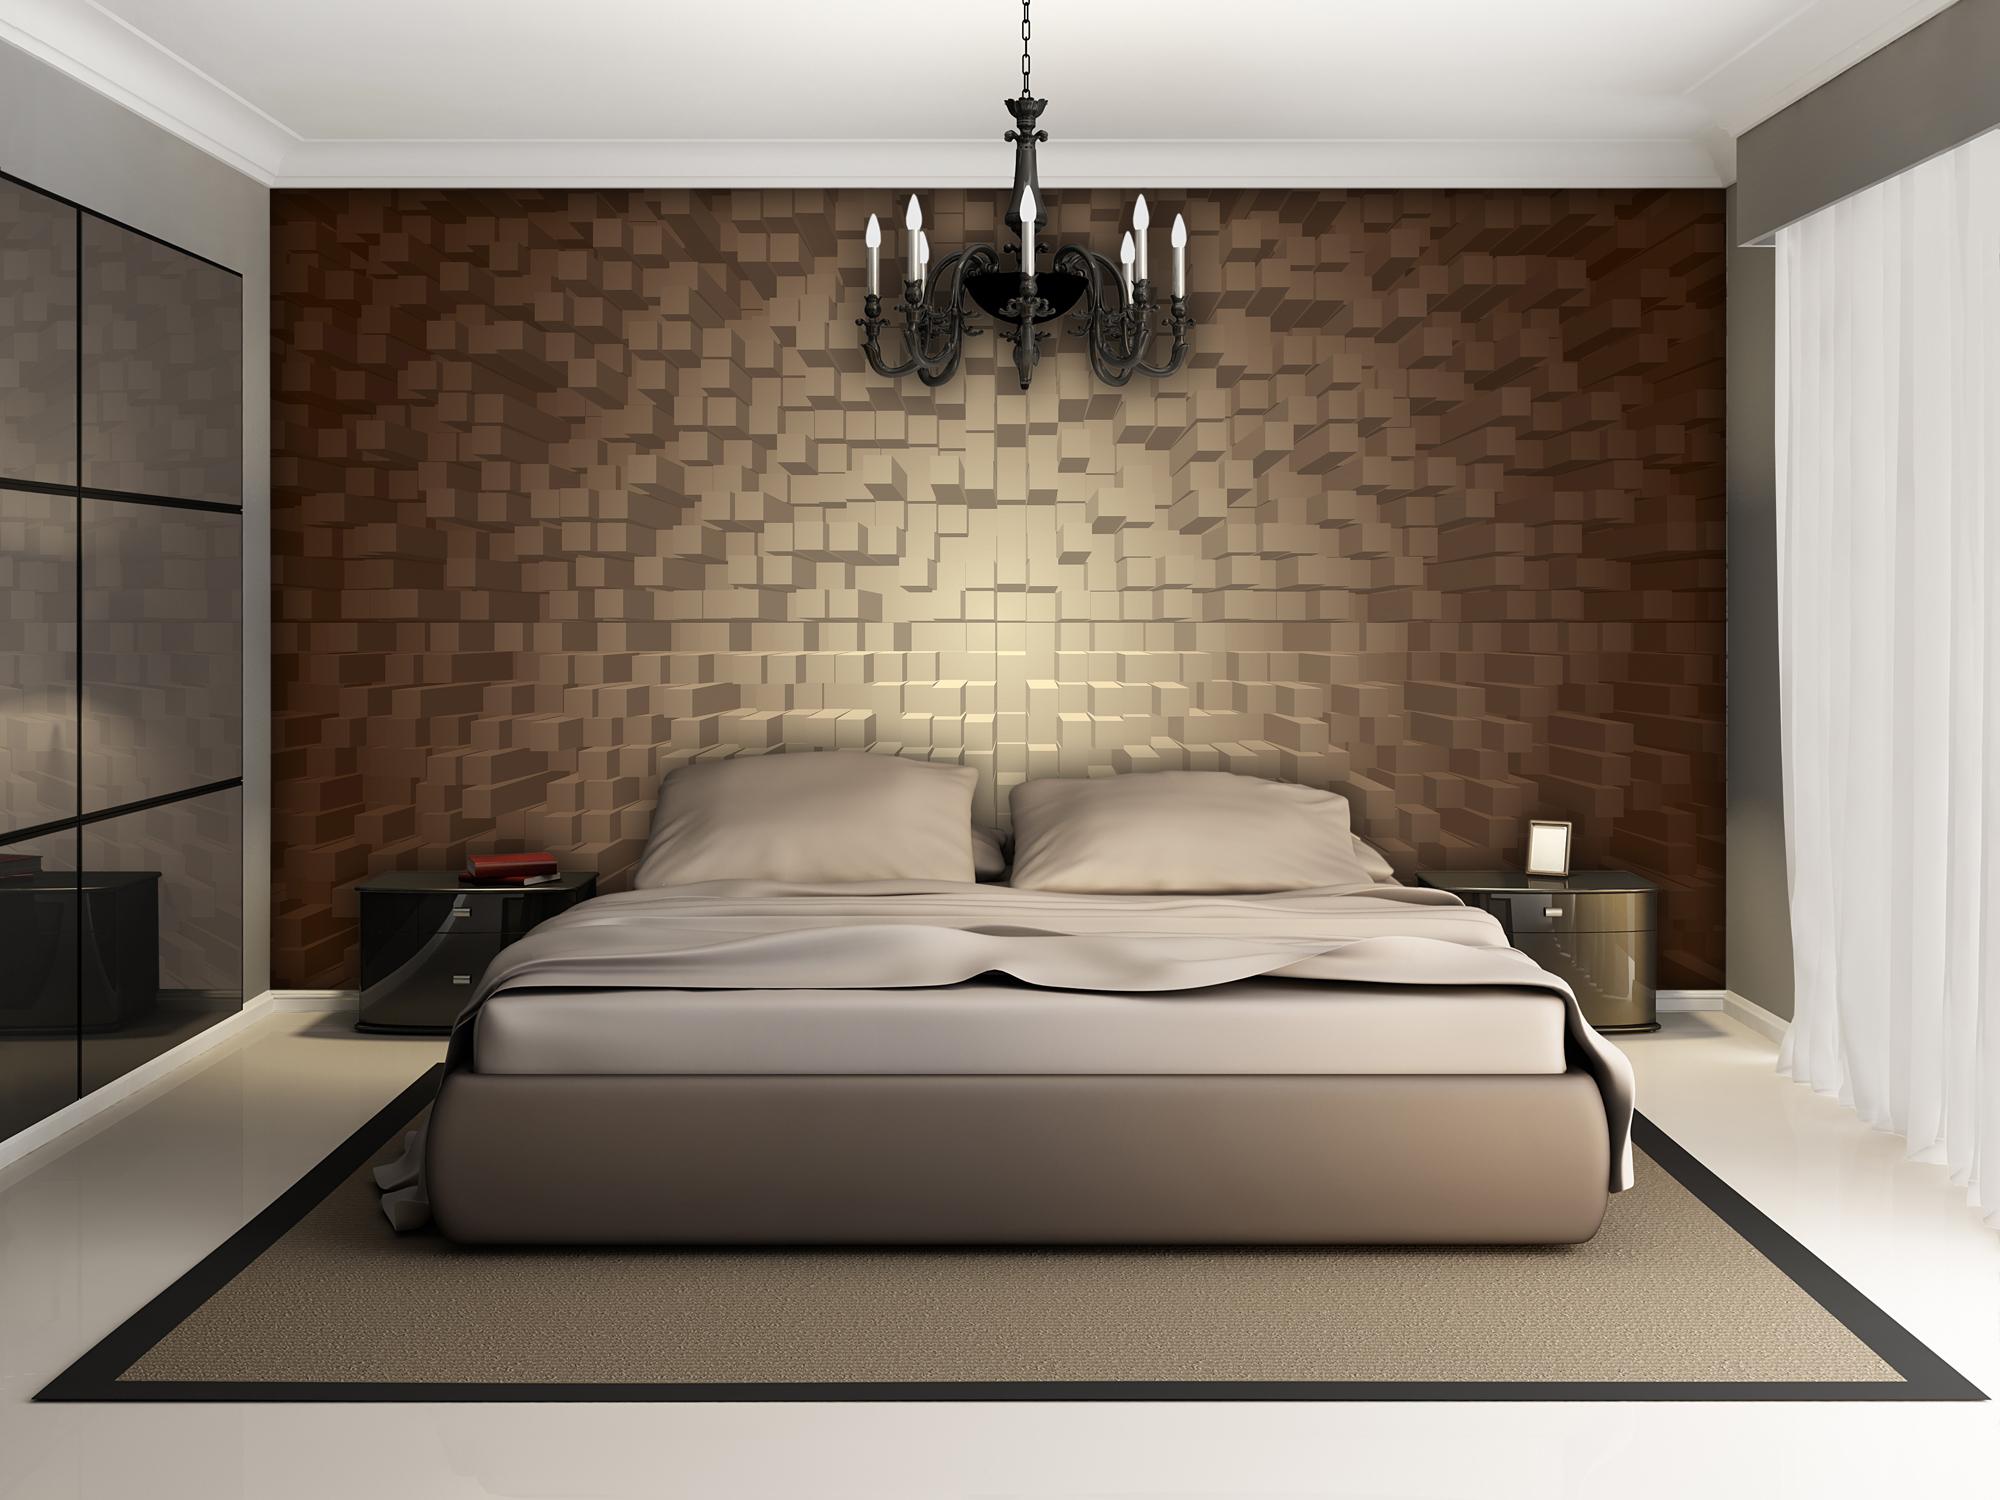 numer 74 3d design. Black Bedroom Furniture Sets. Home Design Ideas